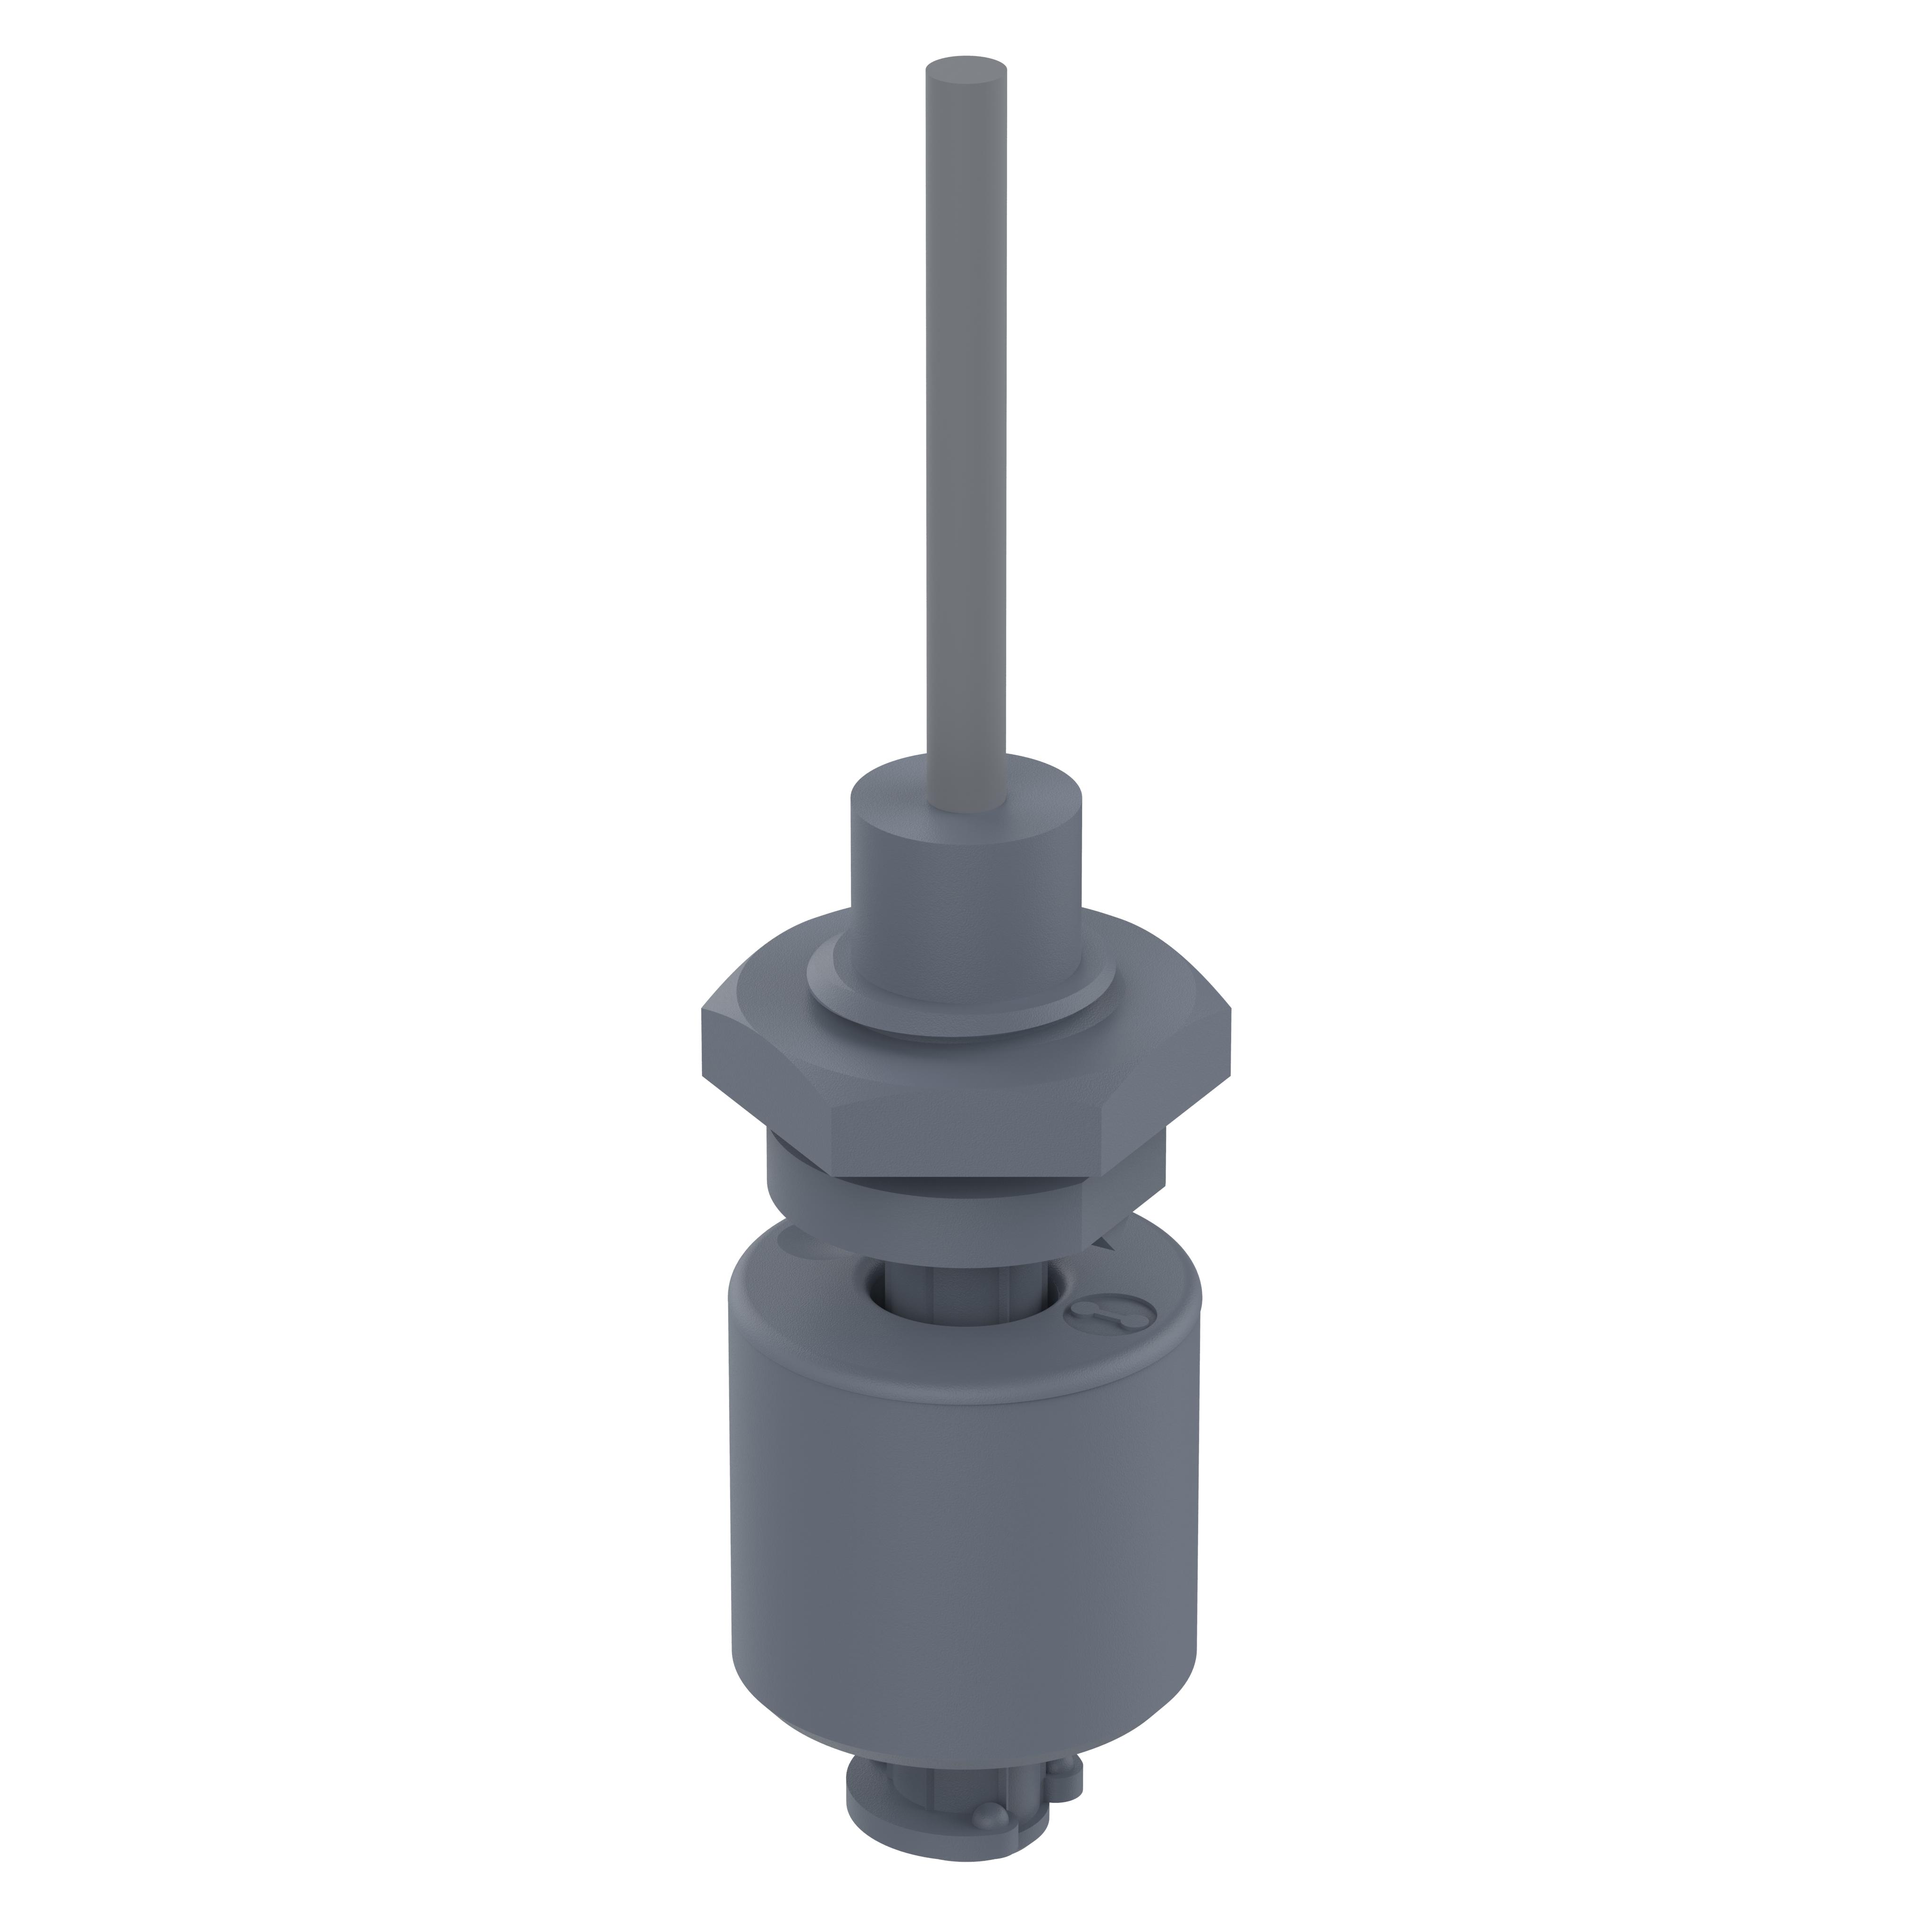 Miniatur Schwimmerschalter - 201020-5 - Öffner, 48V, PP, Gewinde PG3/8, 5m Kabel